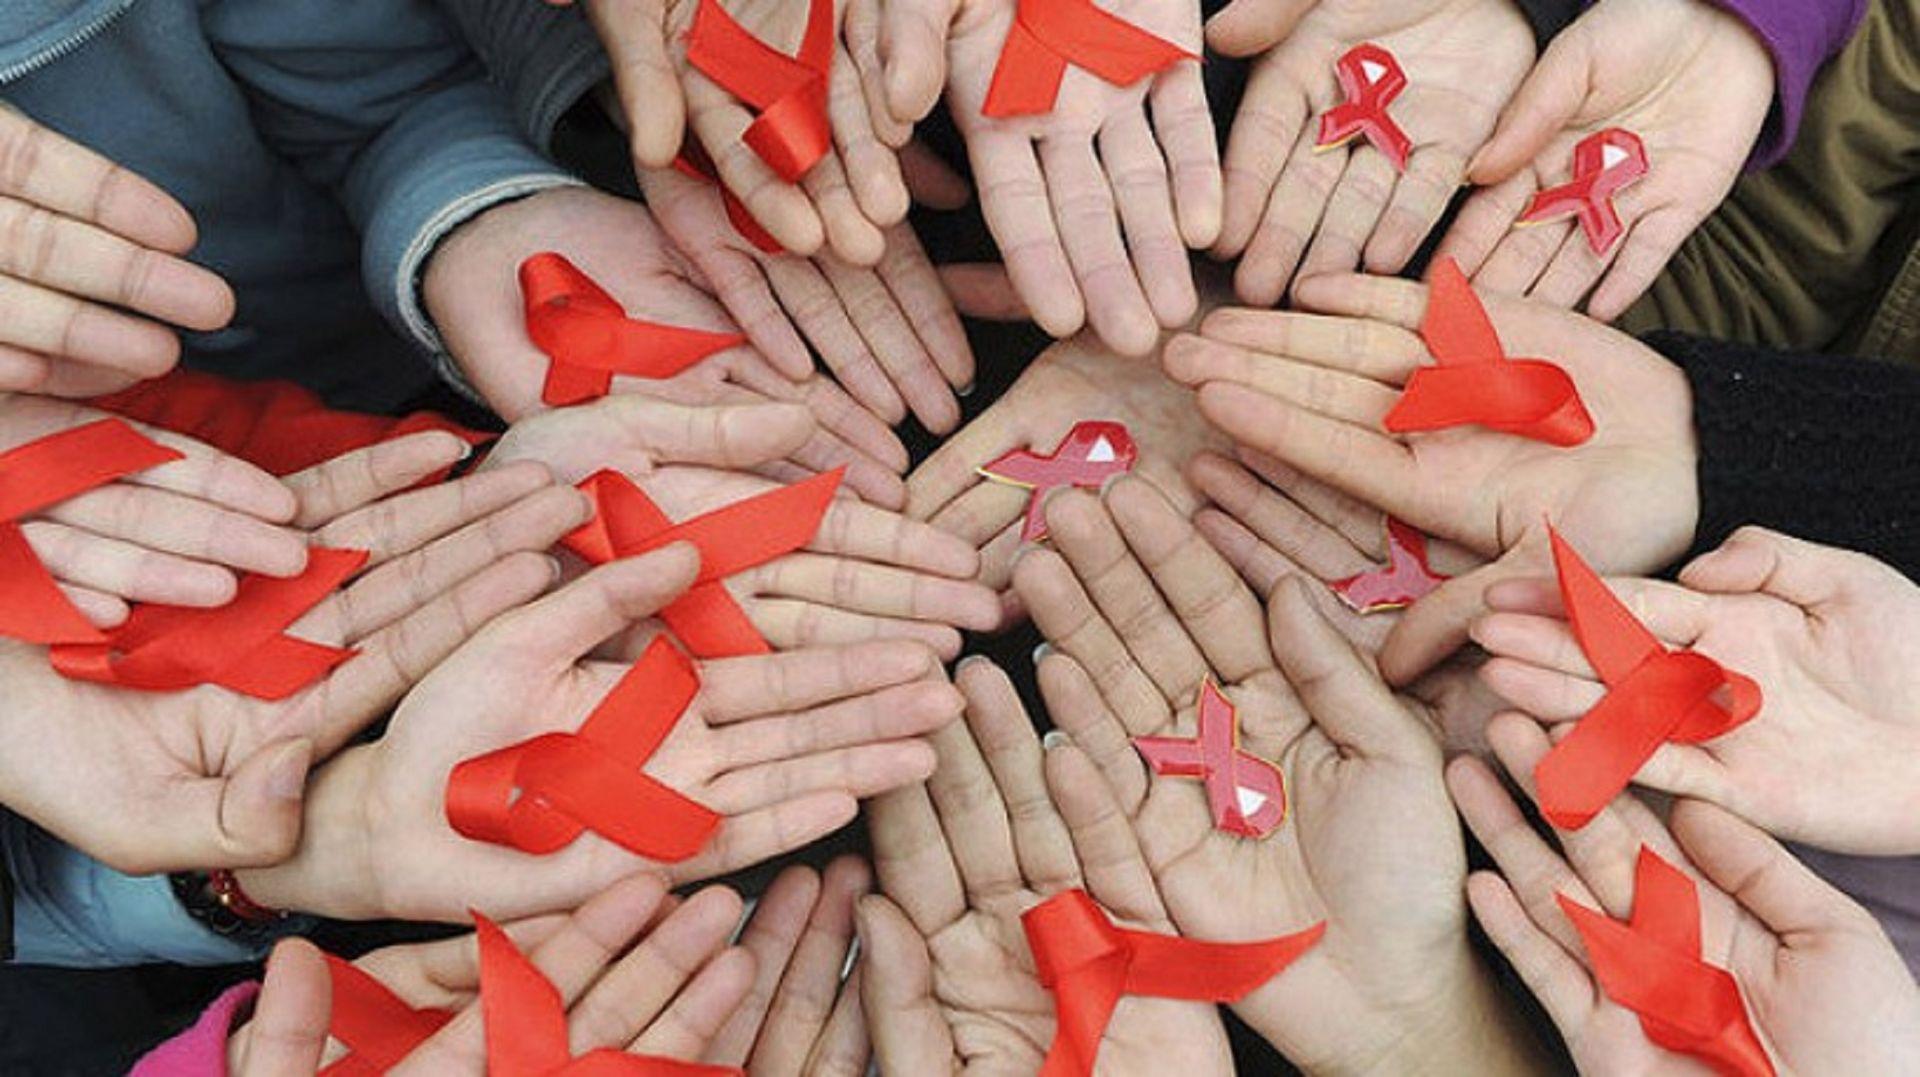 КабминРФ выделил 2,28 млрд руб. для инфицированных ВИЧ игепатитом